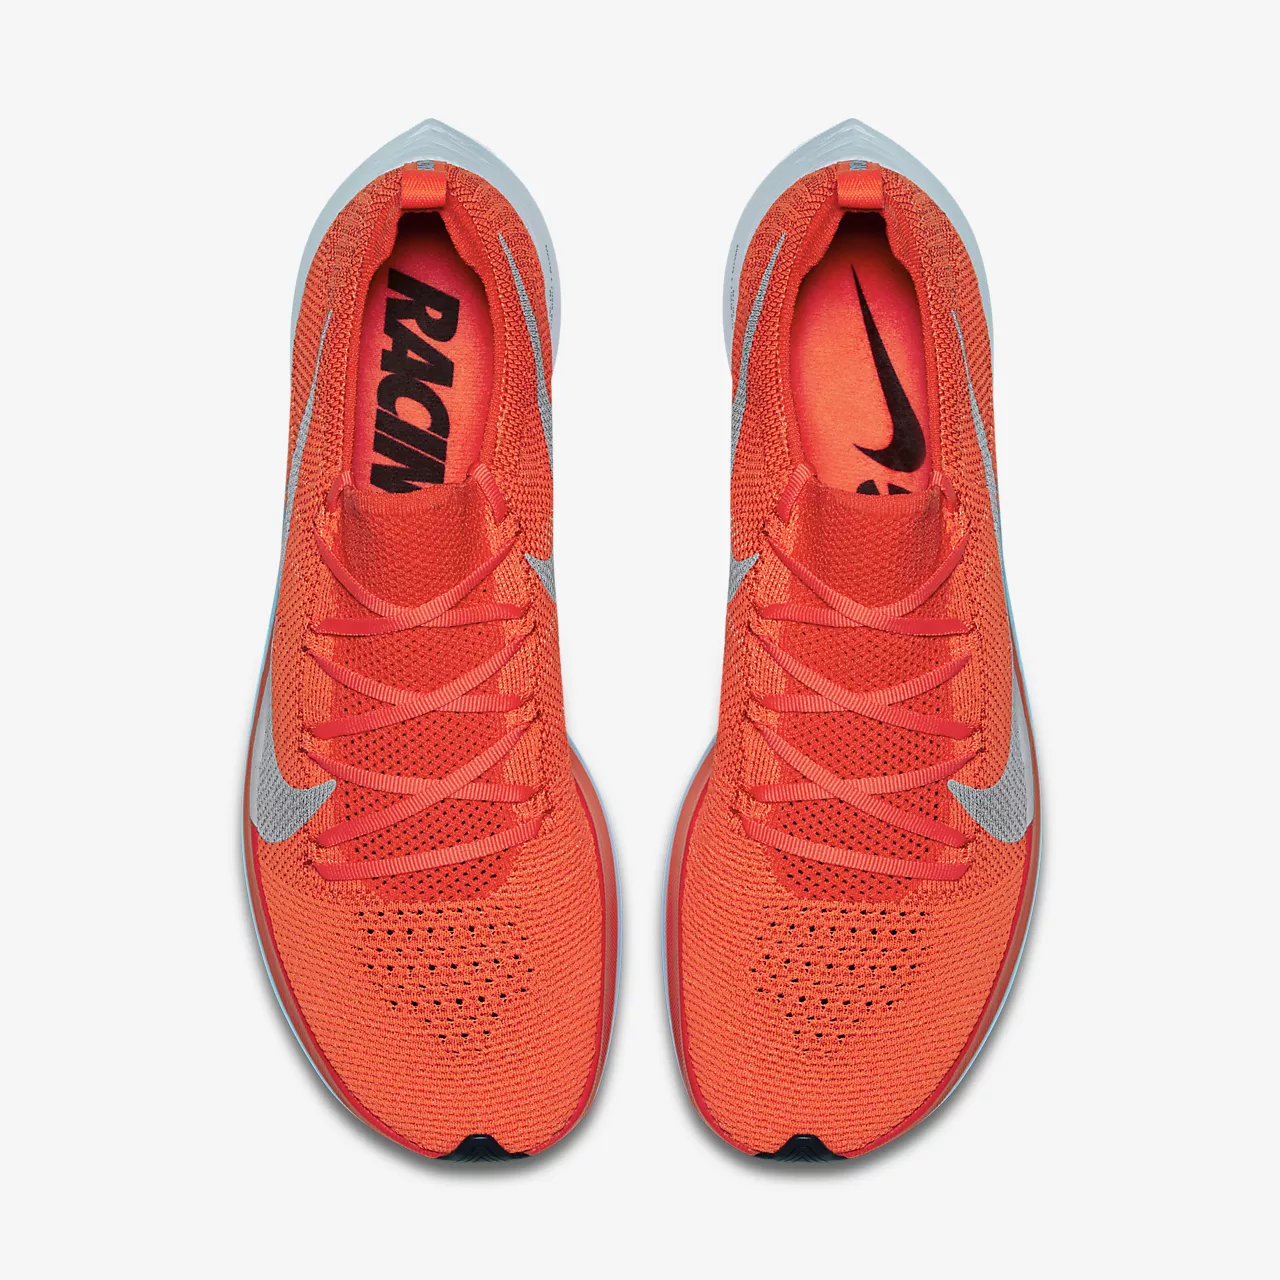 유럽직배송 나이키 NIKE Nike Vaporfly 4% Flyknit Running Shoe AJ3857-600